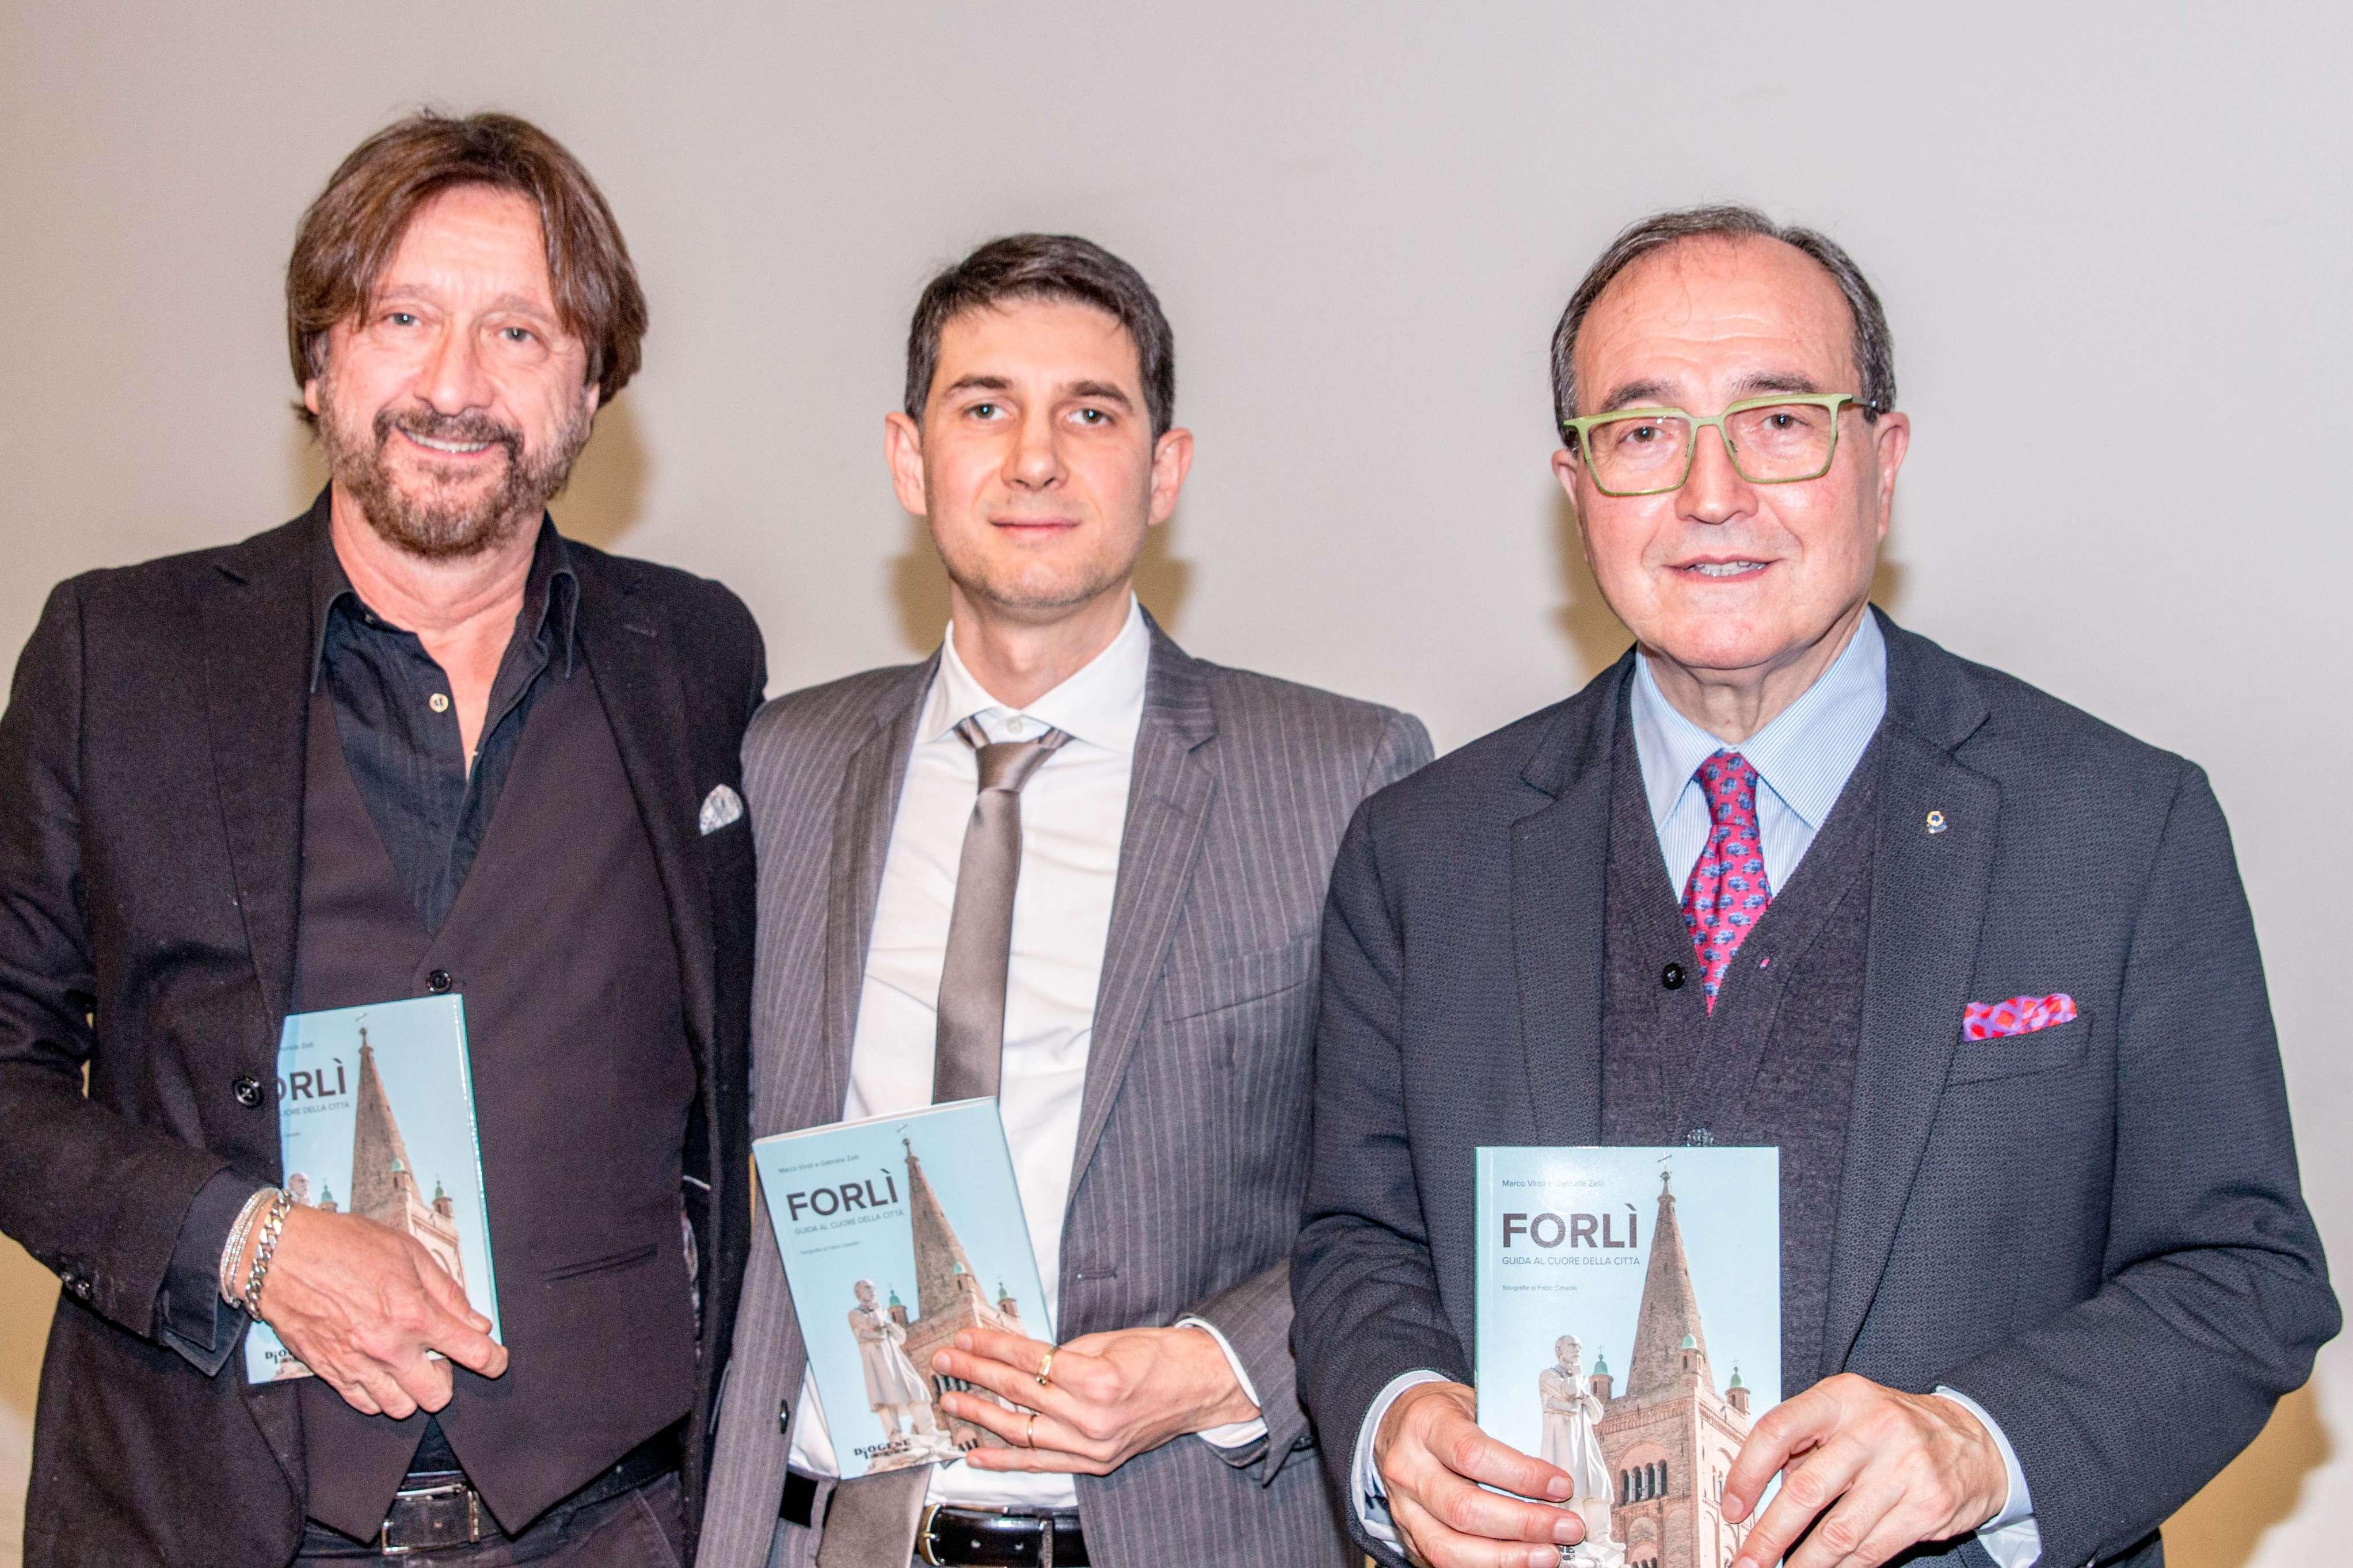 Marco-Viroli-Fabio-Casadei-e-Gabriele-Zelli